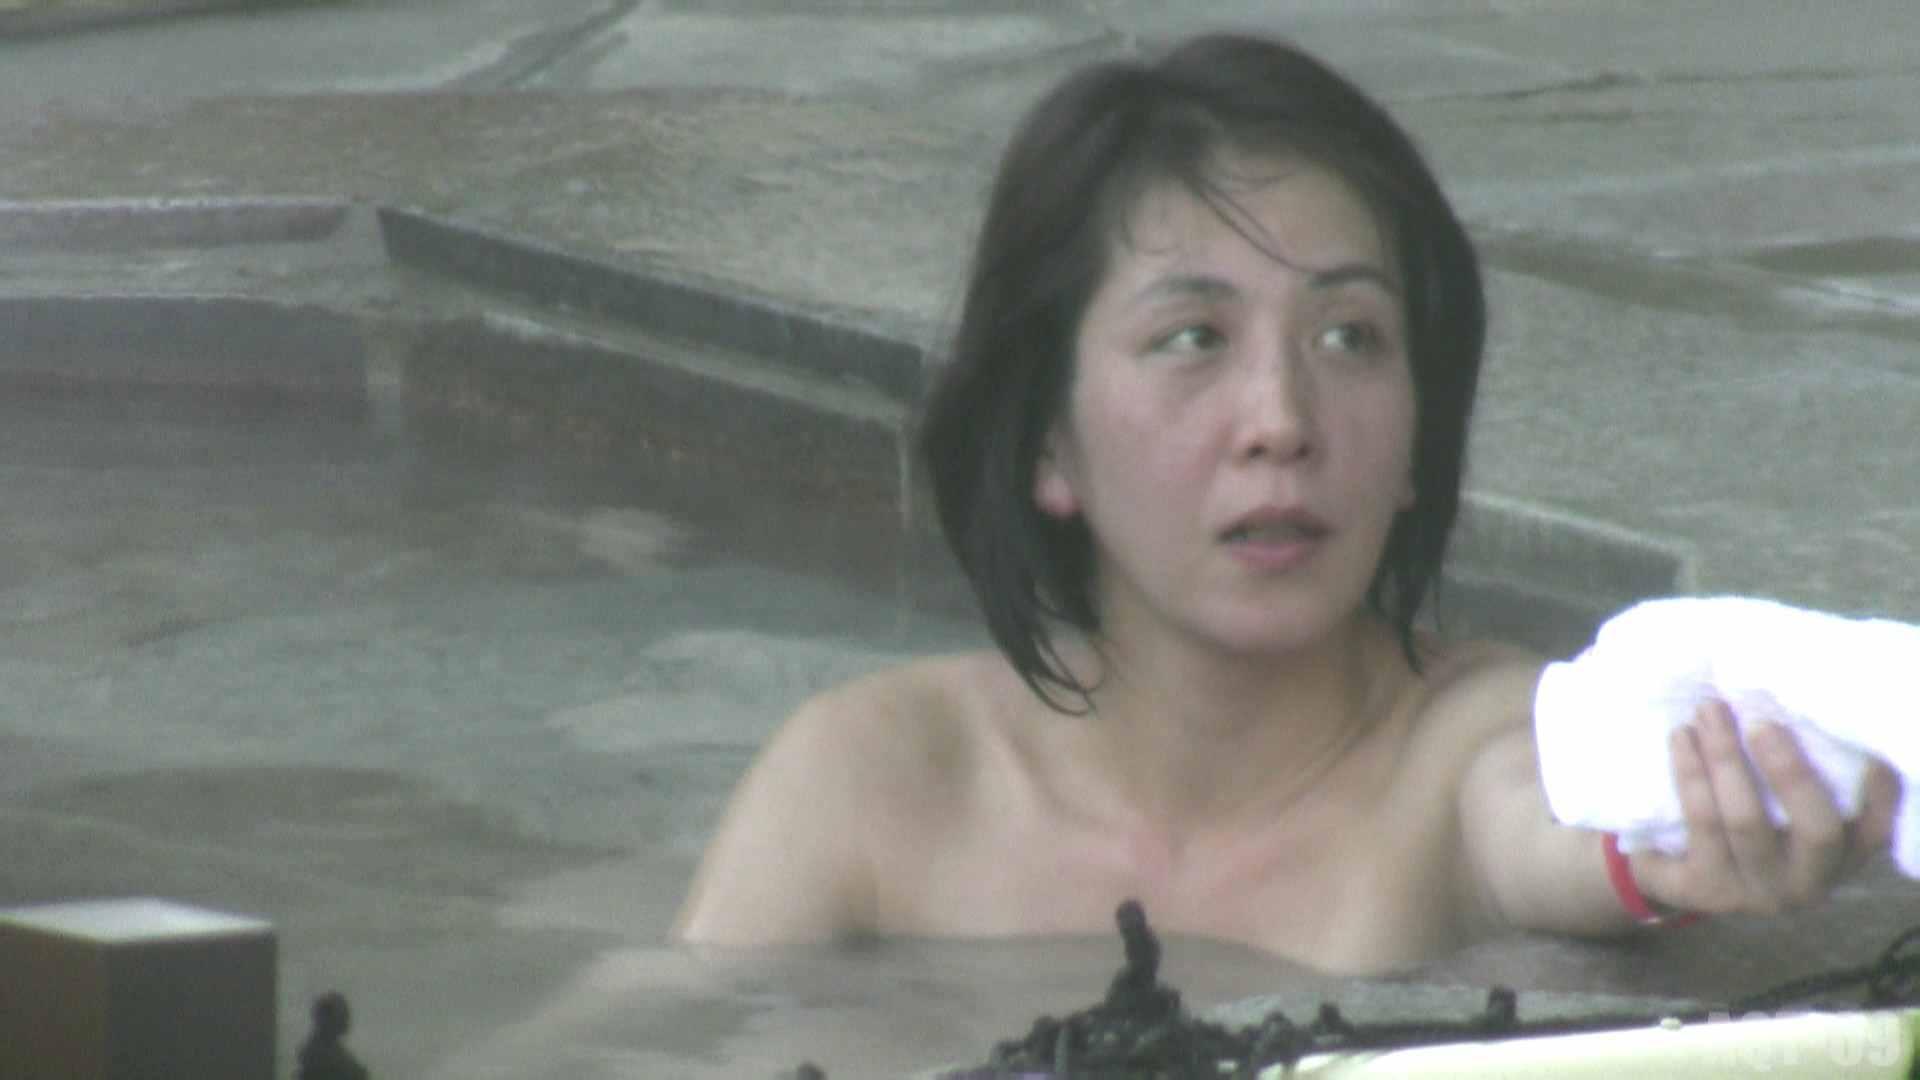 Aquaな露天風呂Vol.788 露天風呂突入 隠し撮りオマンコ動画紹介 100pic 32